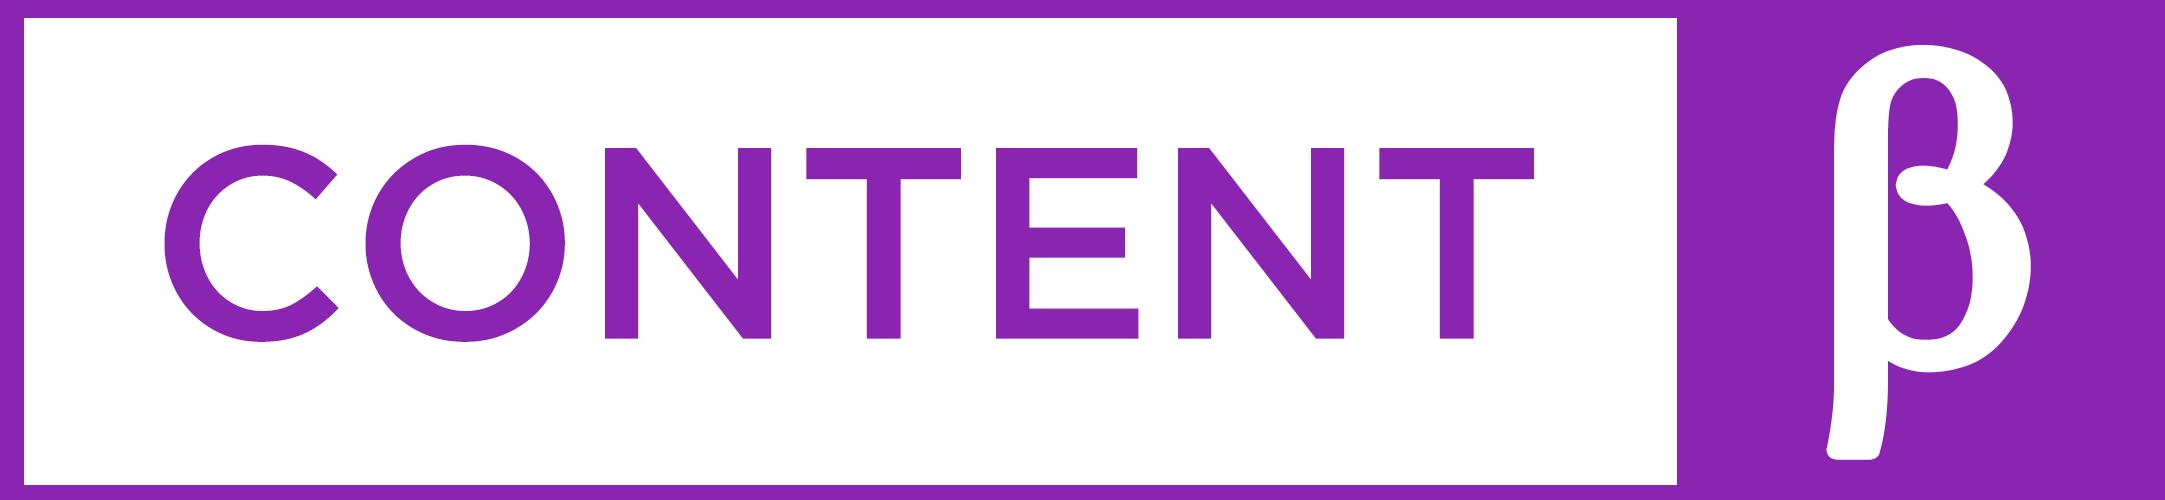 Content beta